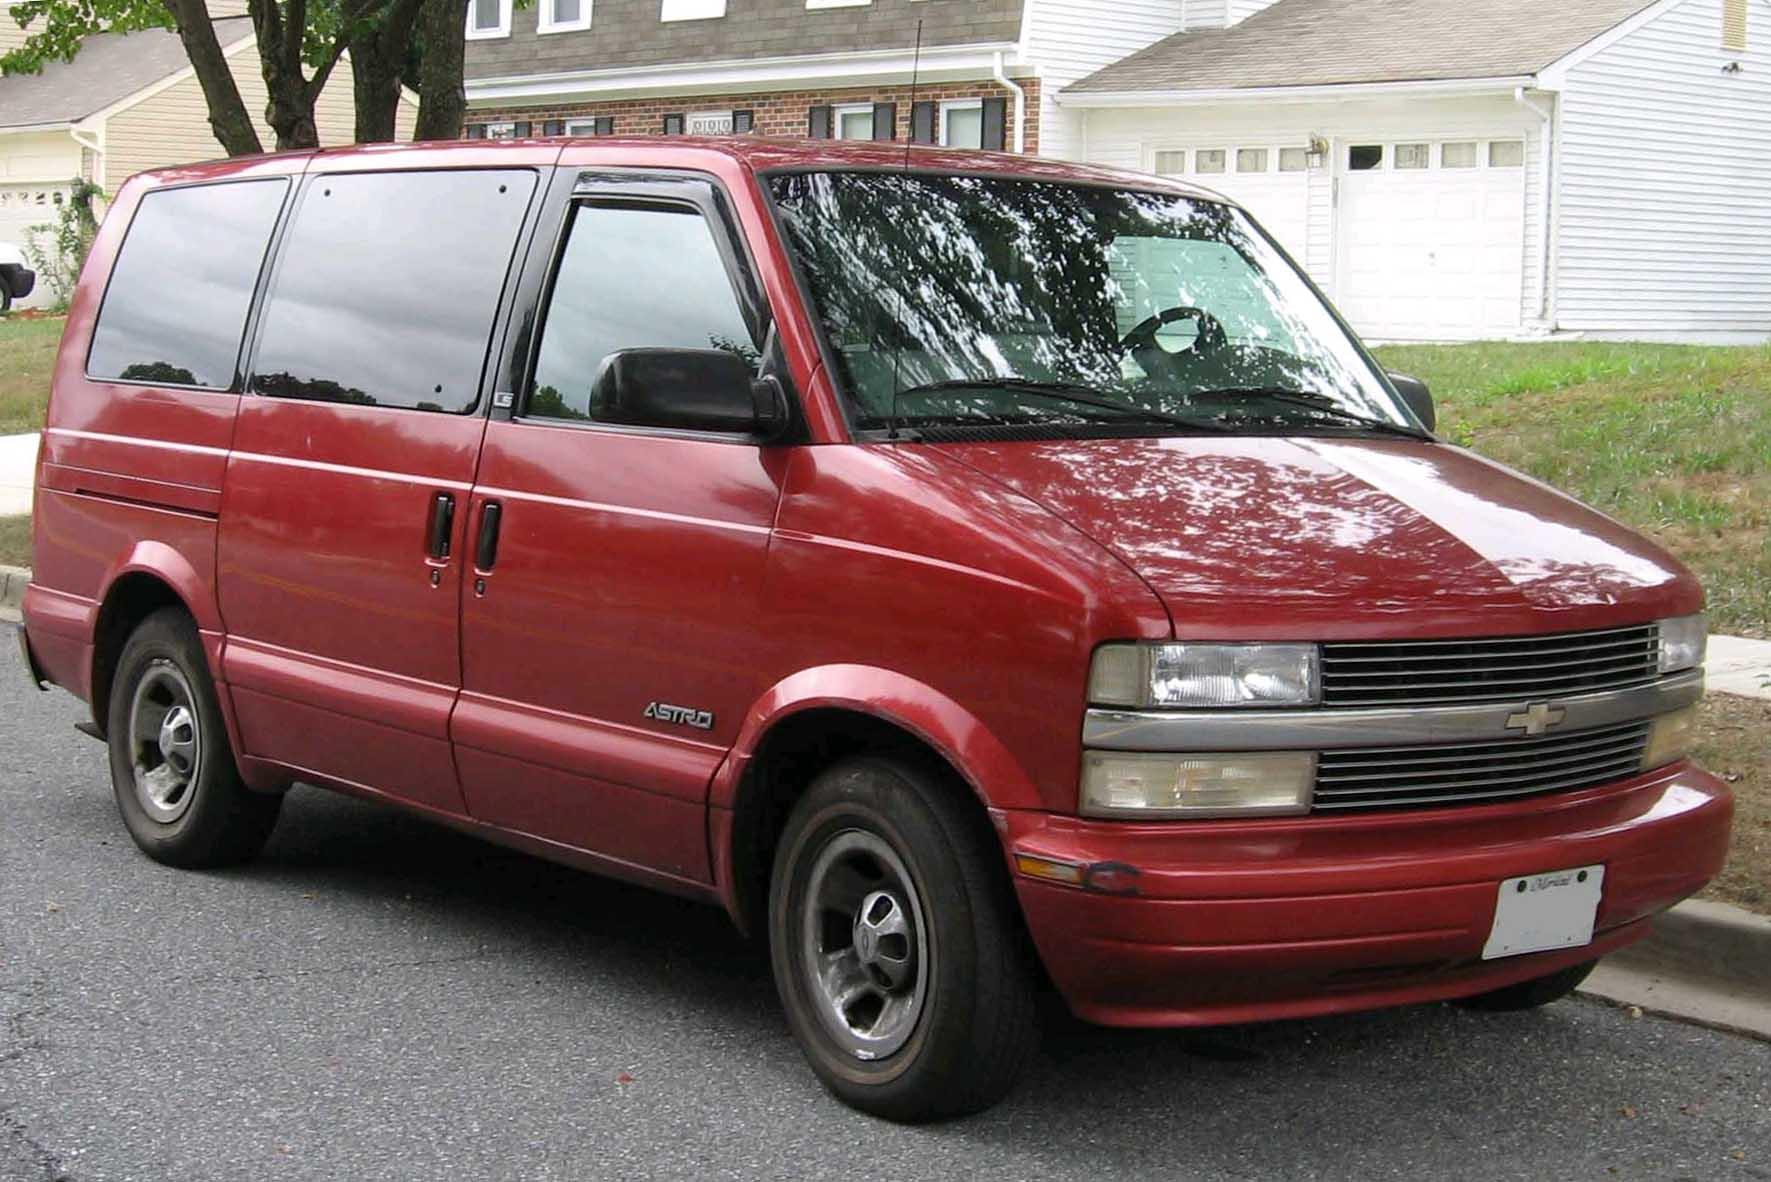 Archivo 2nd Chevrolet Astro Jpg Wikipedia La